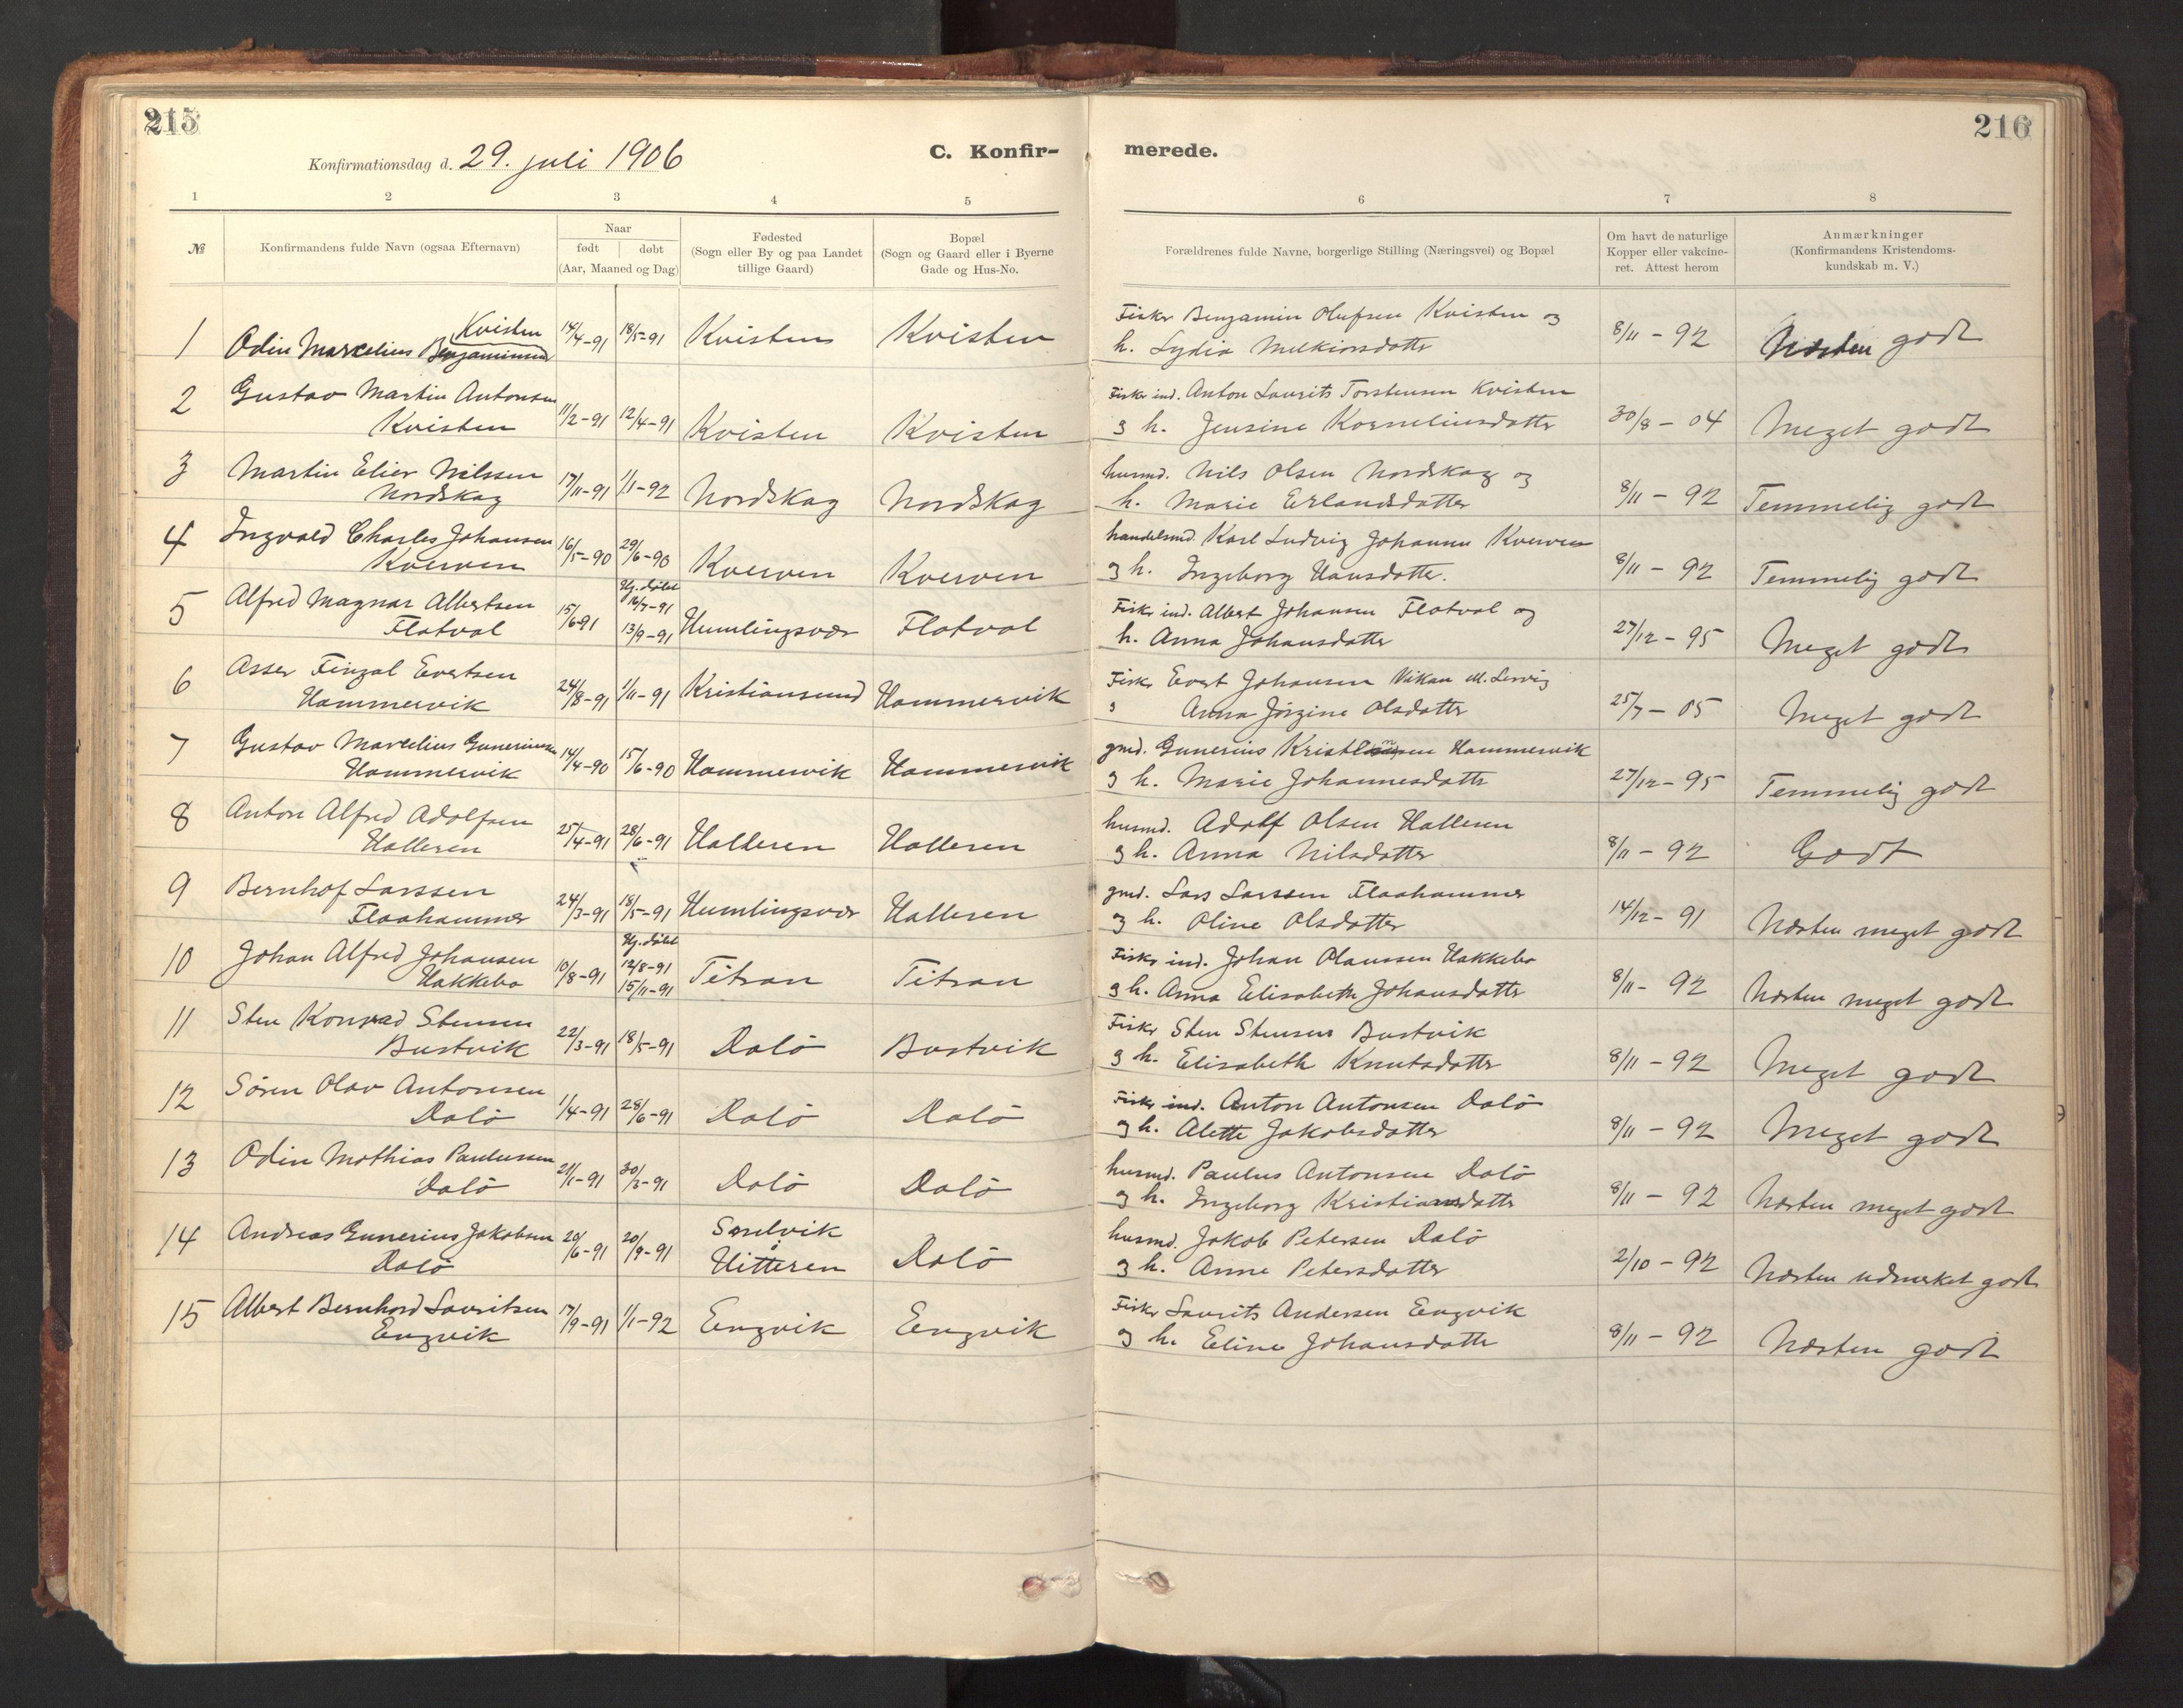 SAT, Ministerialprotokoller, klokkerbøker og fødselsregistre - Sør-Trøndelag, 641/L0596: Ministerialbok nr. 641A02, 1898-1915, s. 215-216